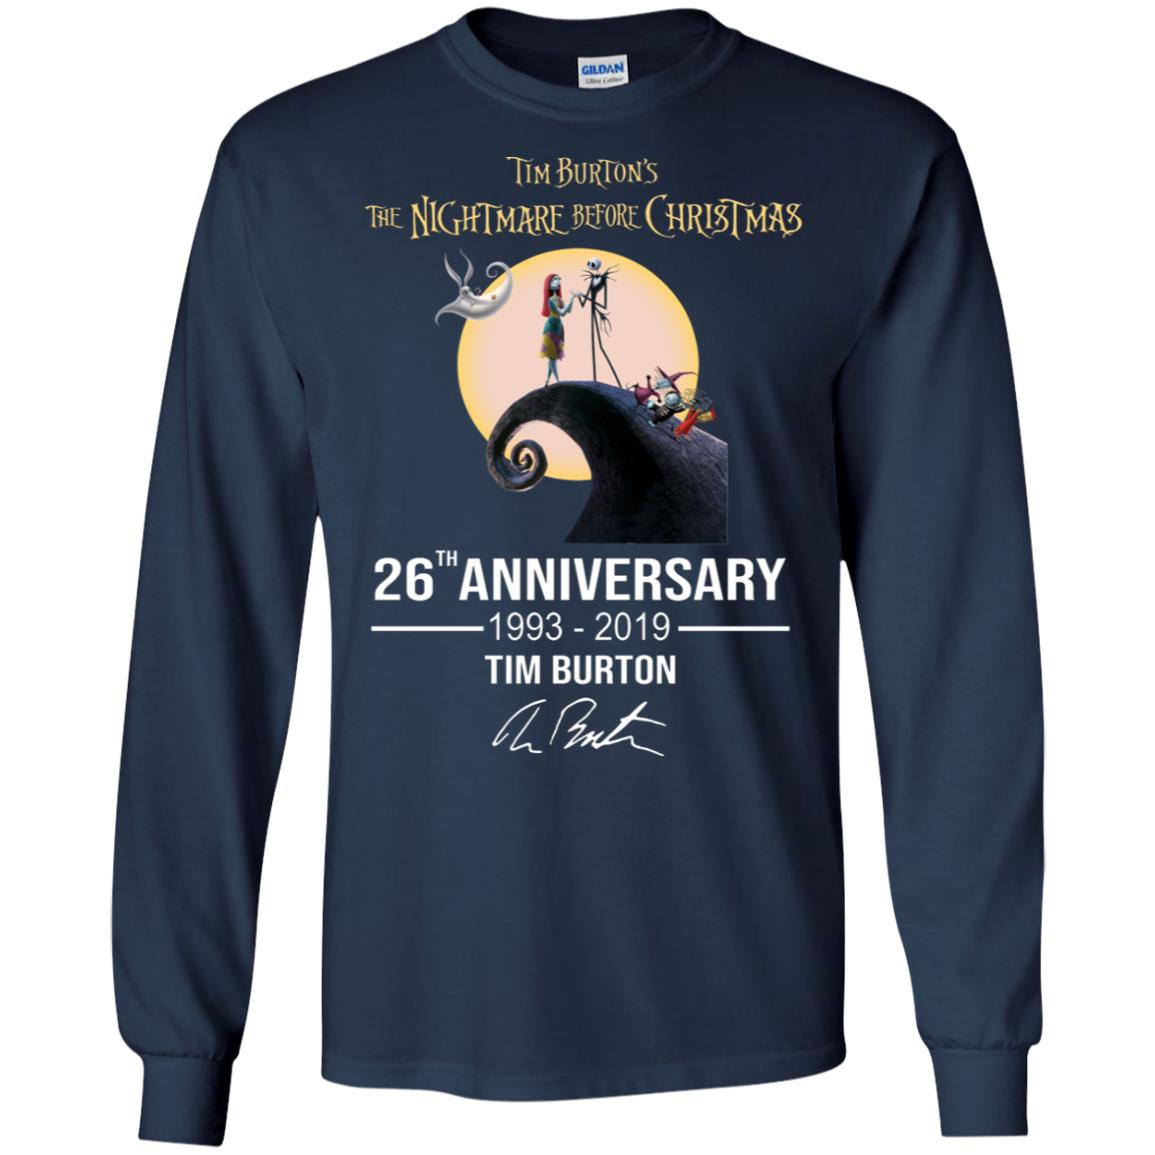 c8987287 Tim Burton's The Nightmare Before Christmas 26th anniversary hoodie, t shirt